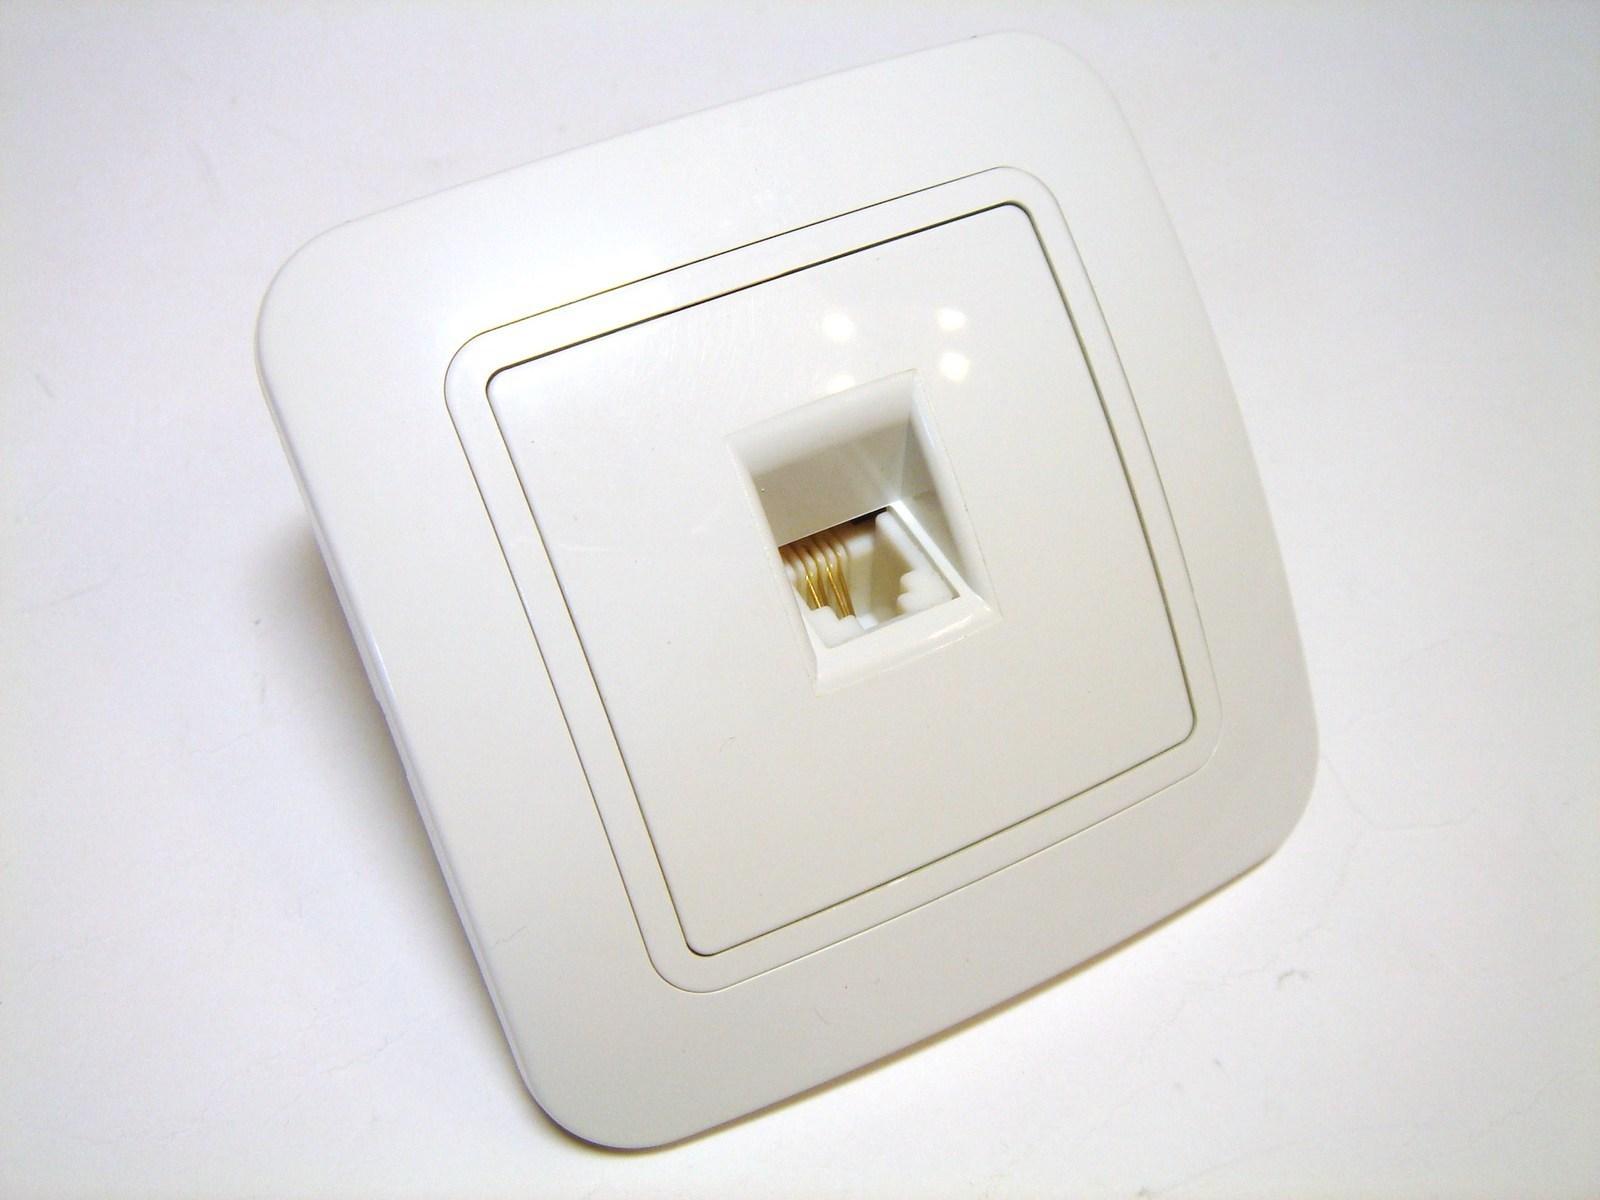 Telefoni süvispaigaldusega pistikupesad Makel (sari - Lillium)